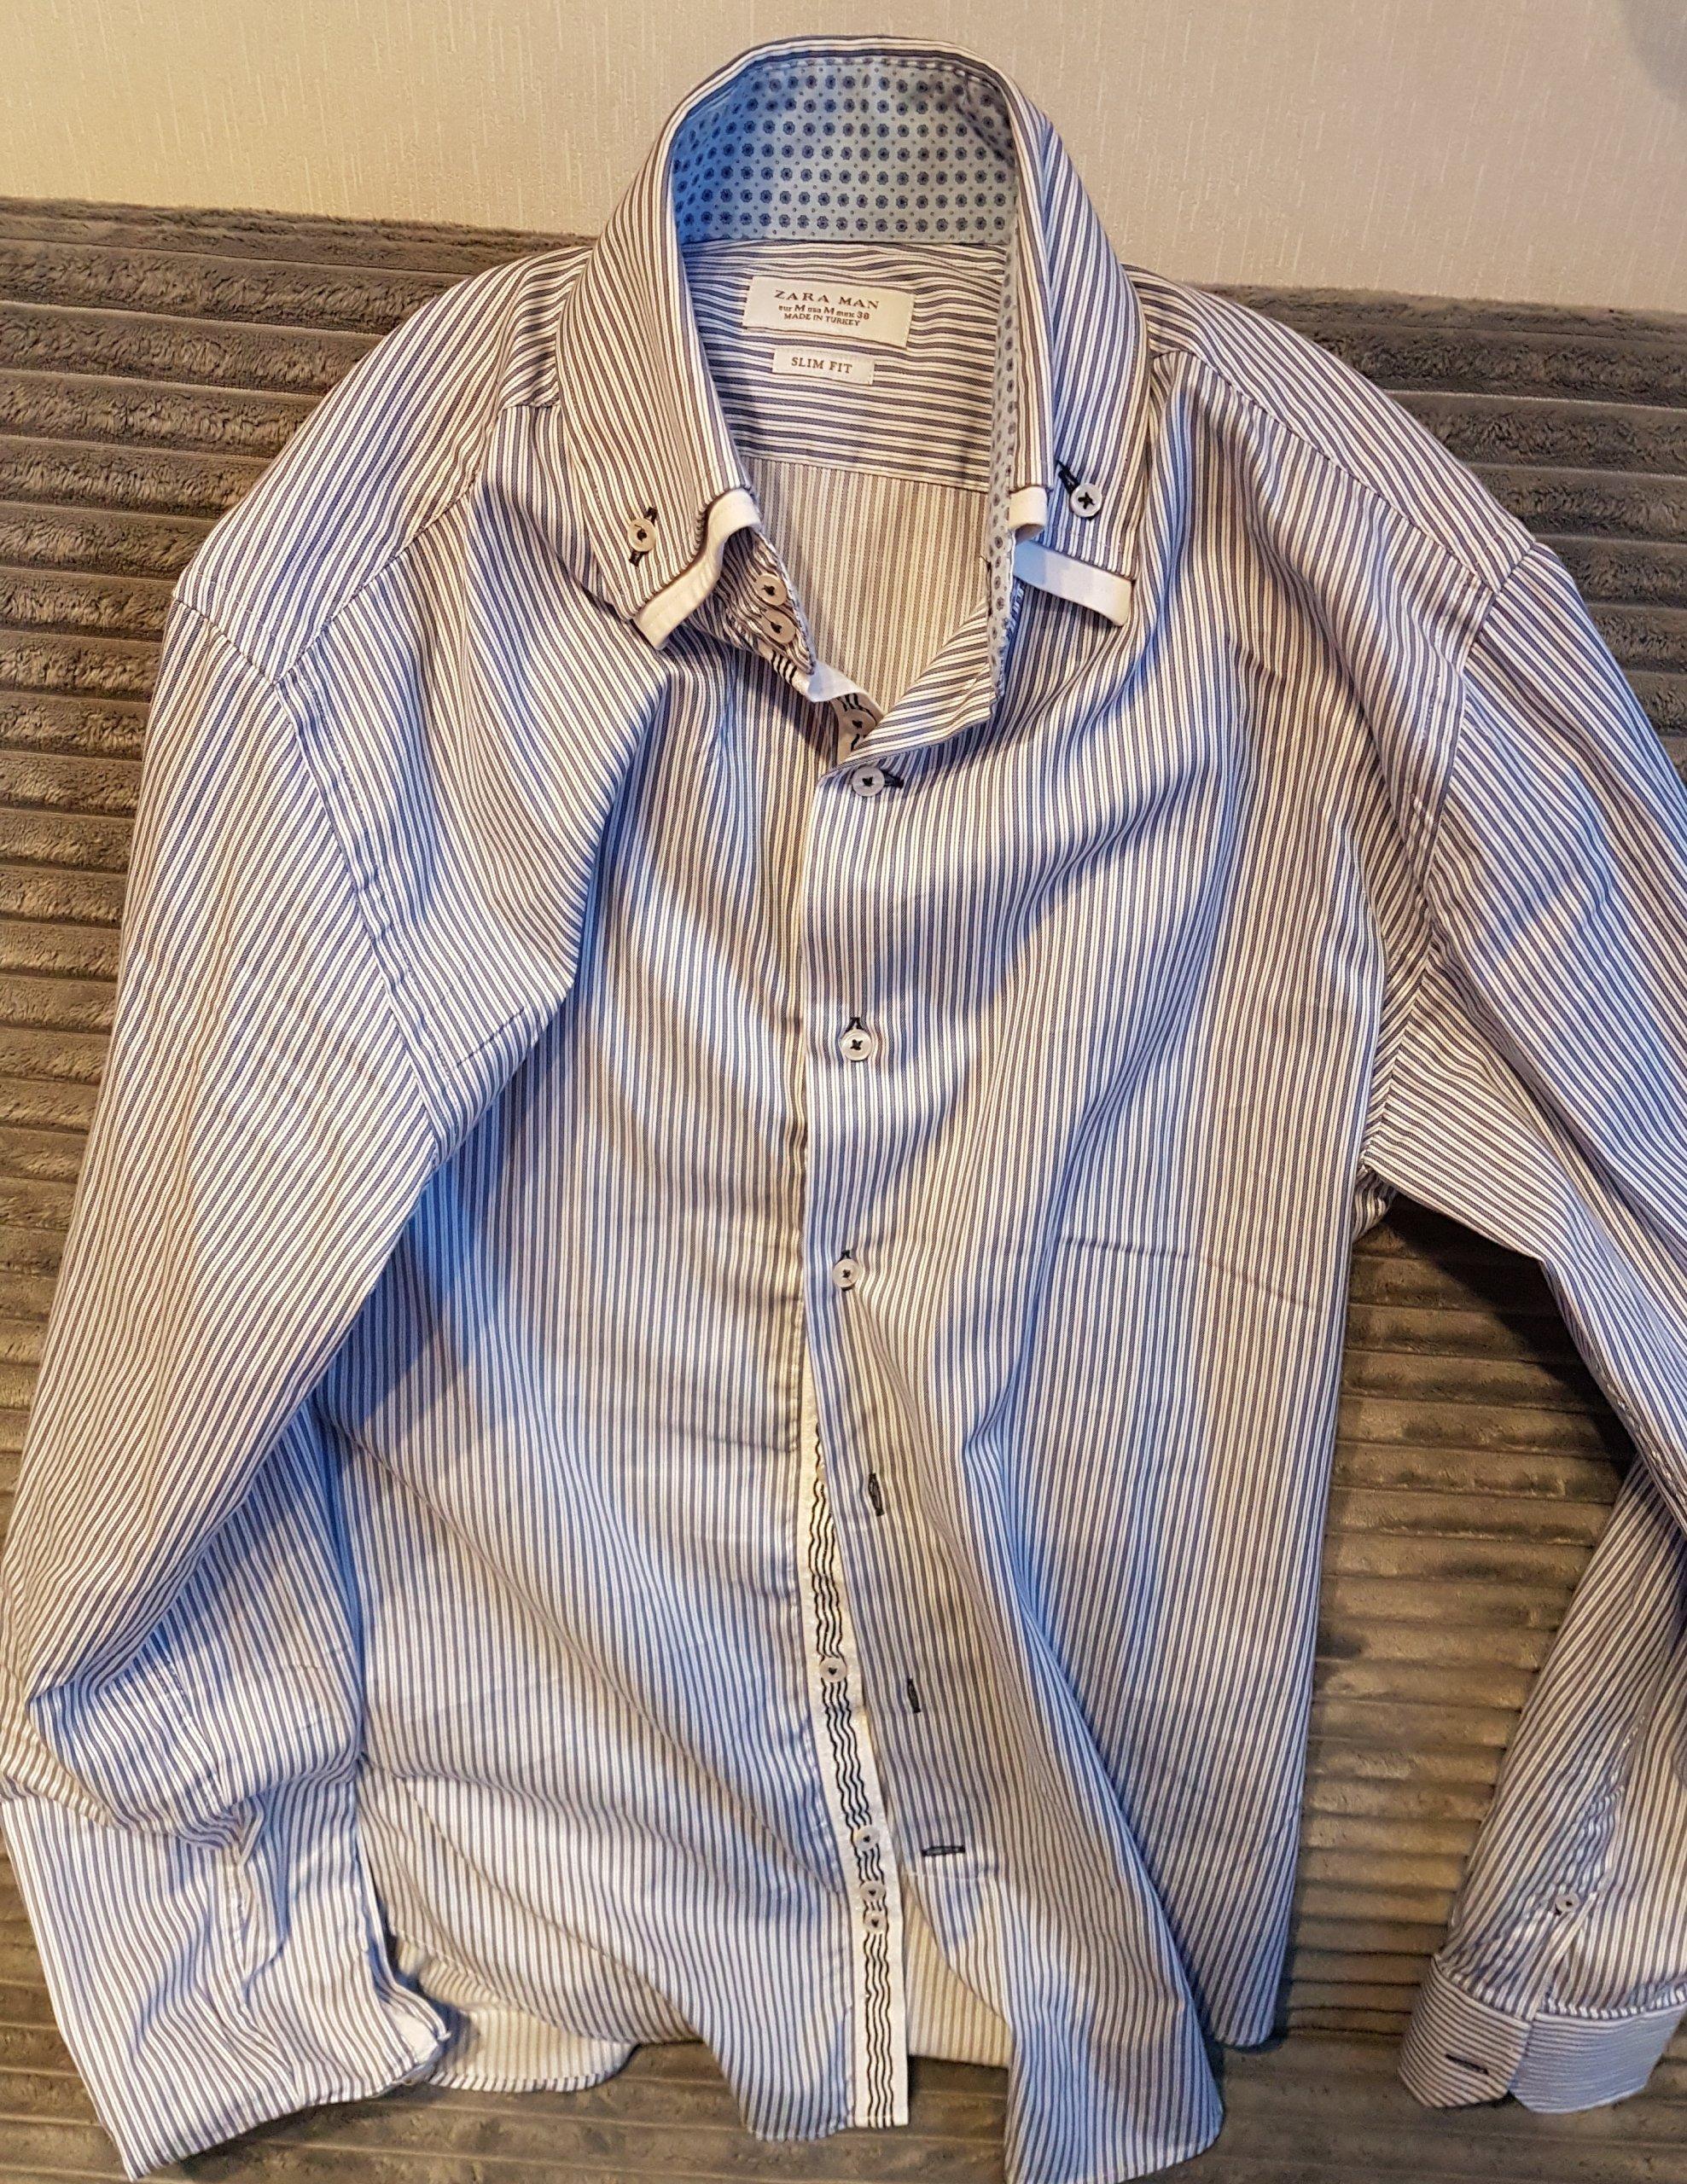 383926d9e95f4 Elegancka koszula Zara Man M slim fit / 38 nowa - 7282331300 ...